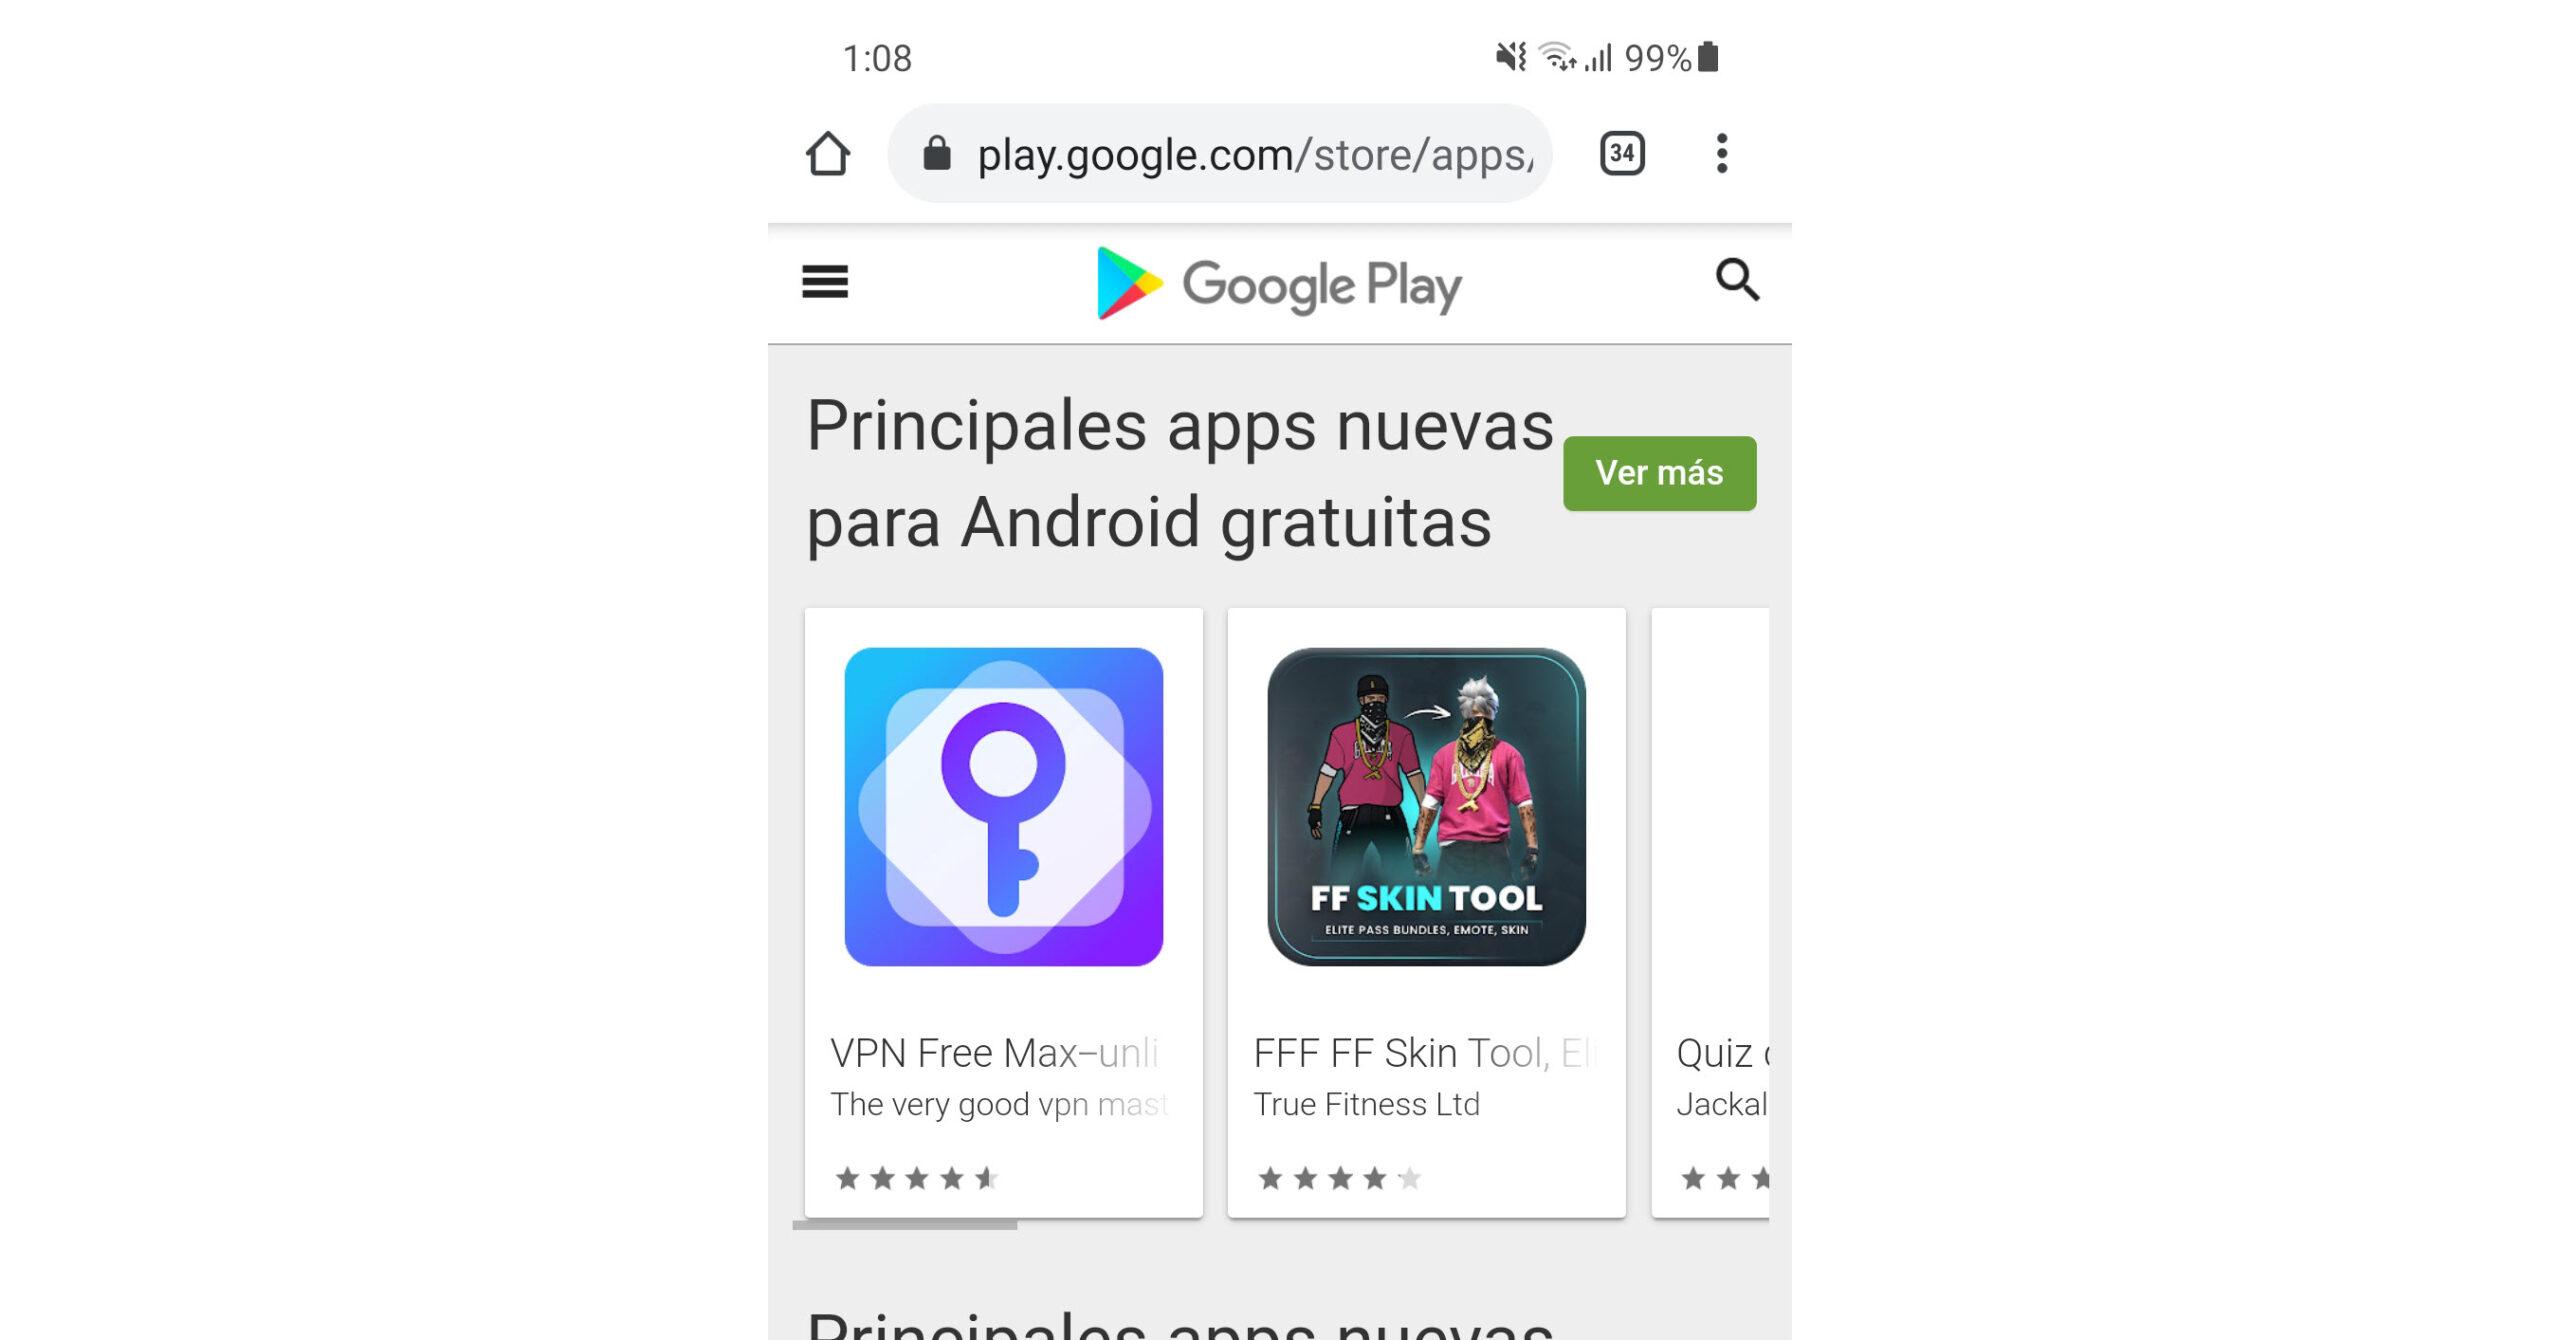 aplicaciones recientes play store android